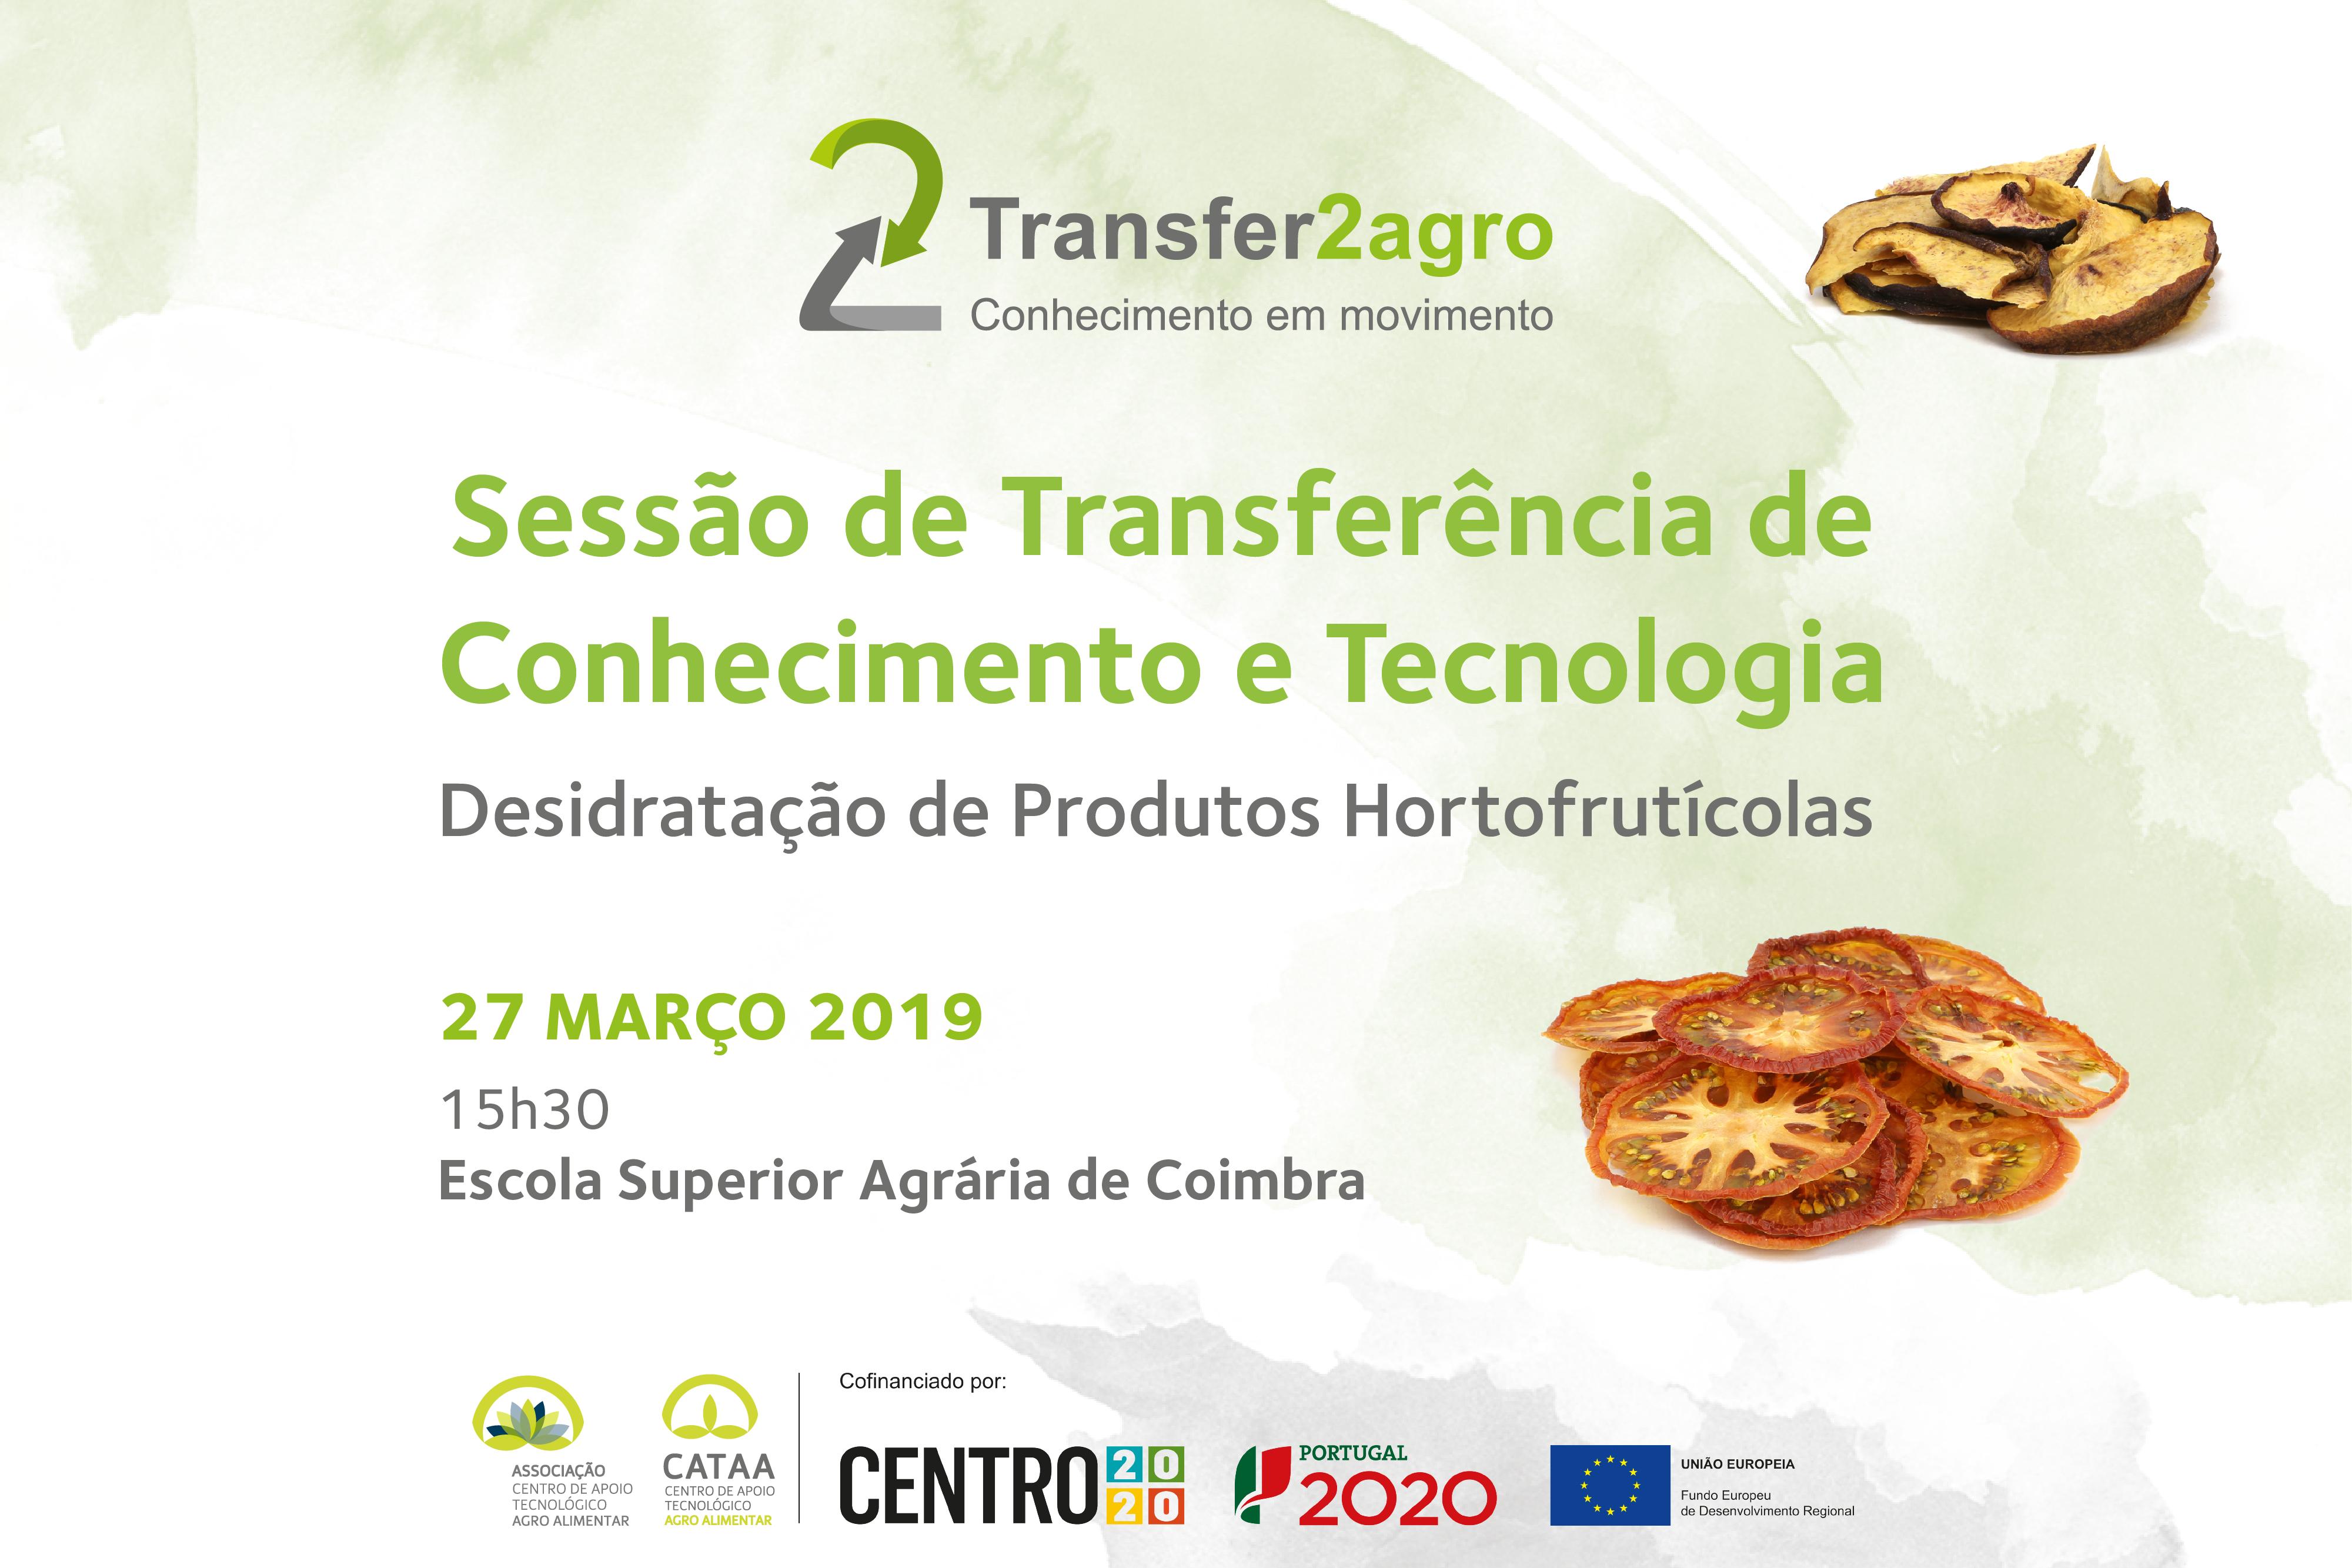 Sessão de Transferência de Conhecimento e Tecnologia   Coimbra   27 março 2019